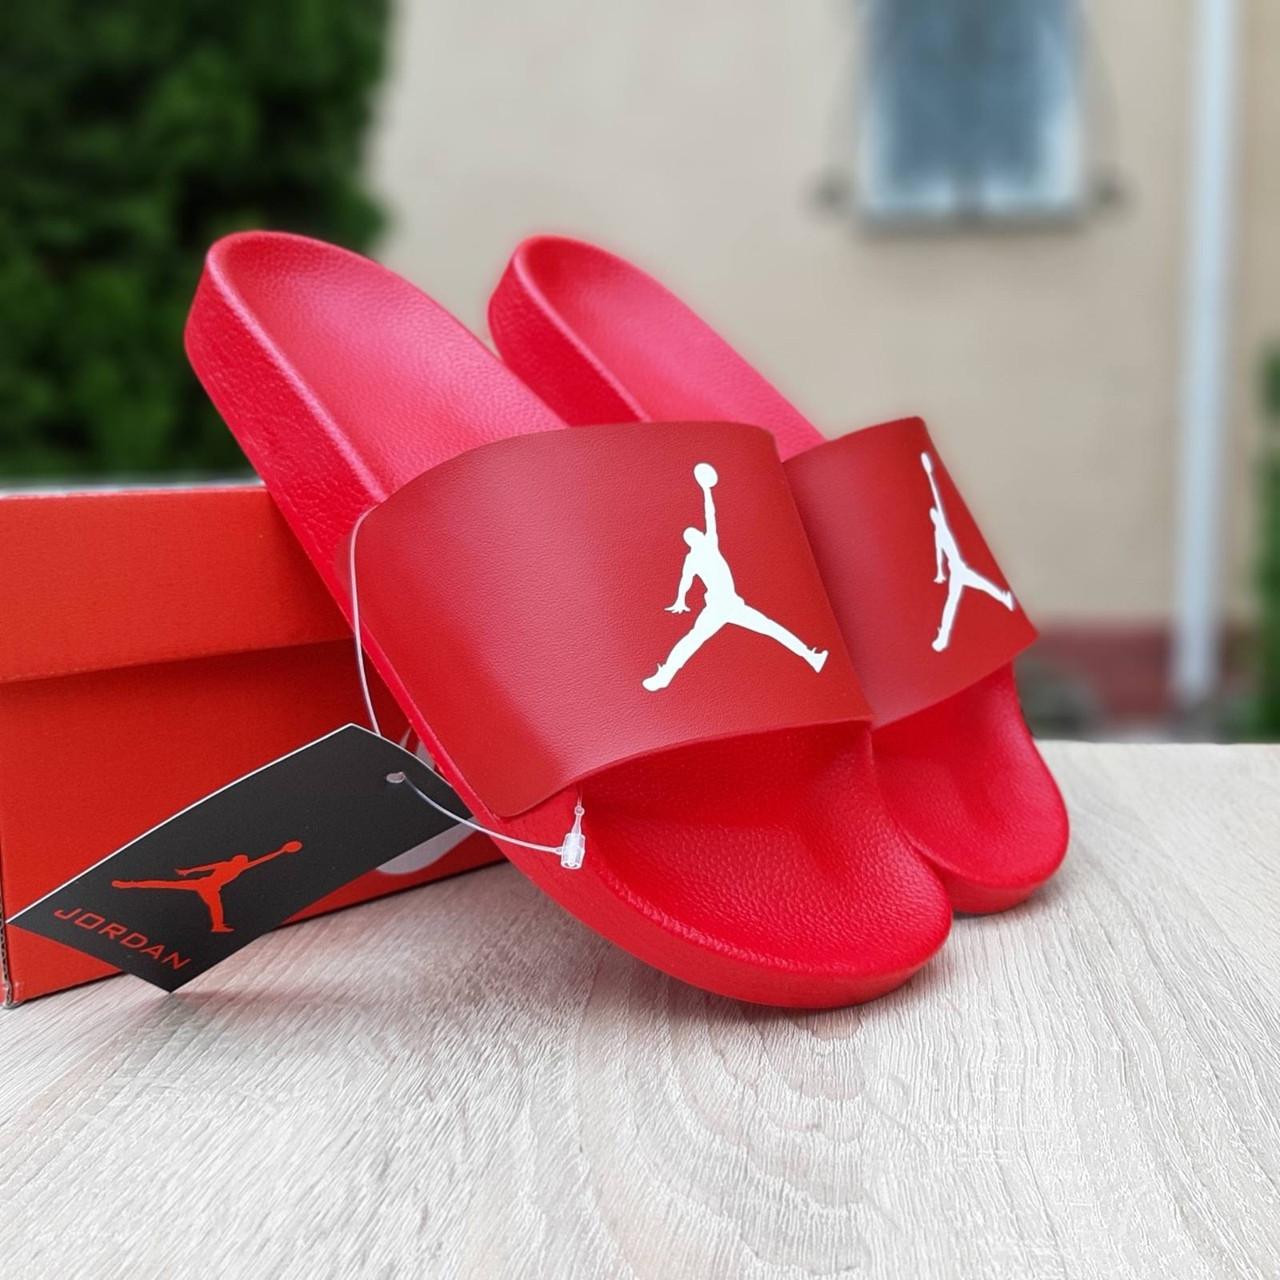 Jordan чоловічі літні шкіряні червоні шльопанці. Літні чоловічі шкіряні шльопанці